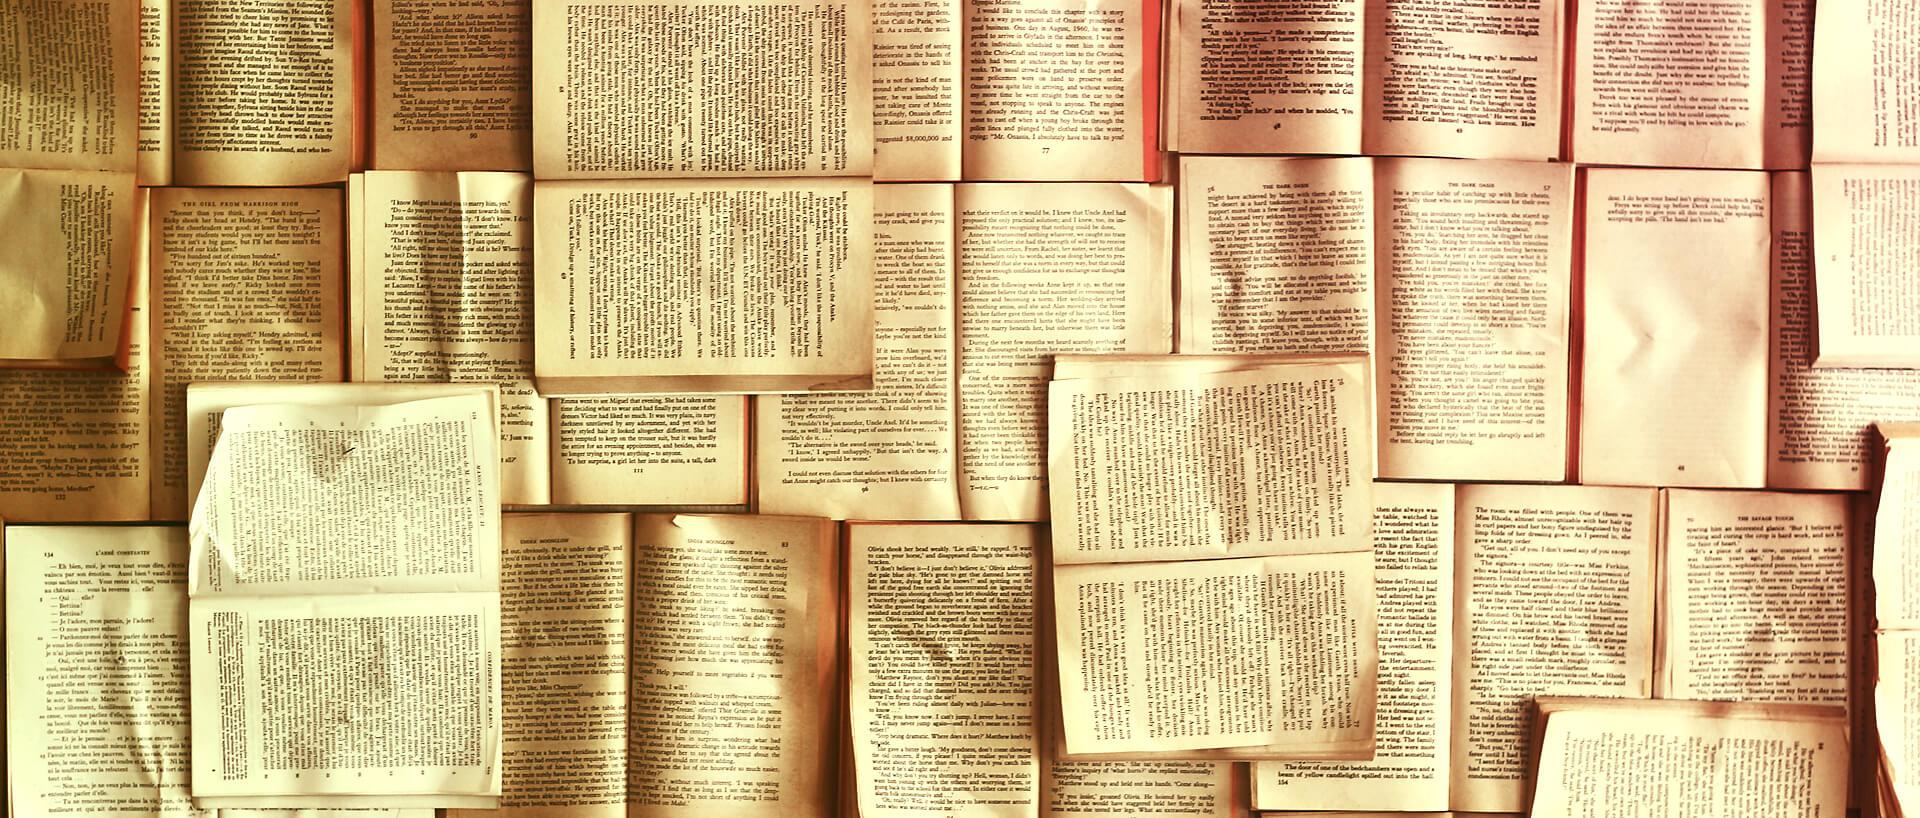 An array of open books